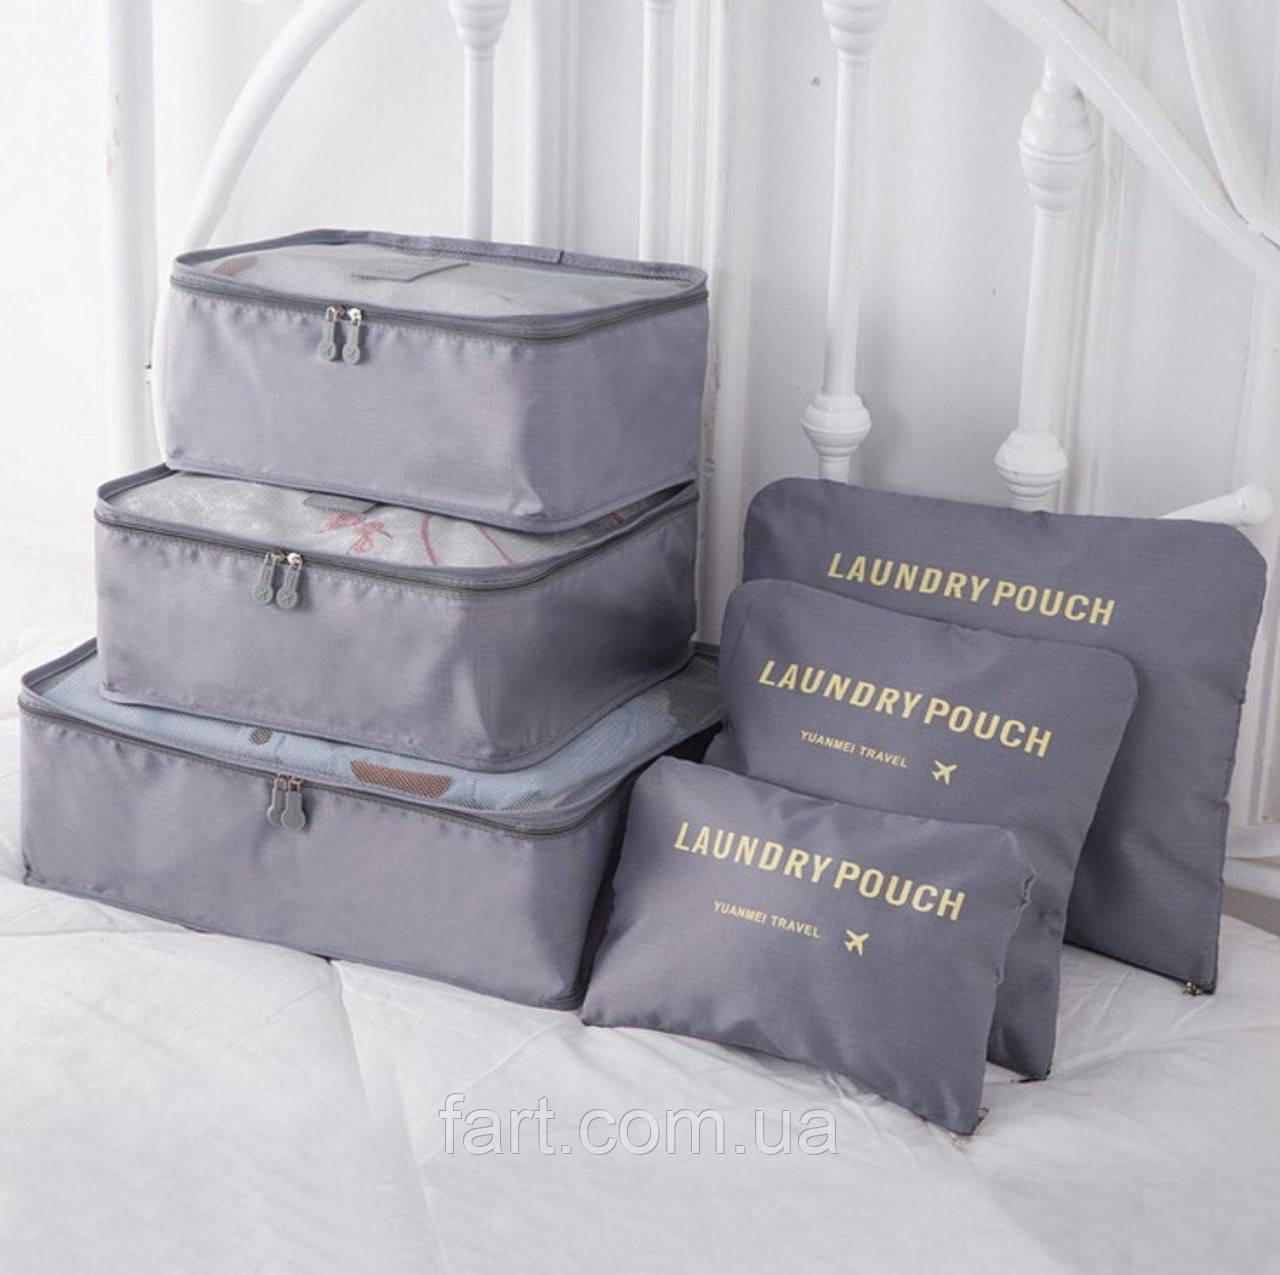 Набор органайзеров 6 в 1 для путешествий и дома Laundry Pouch